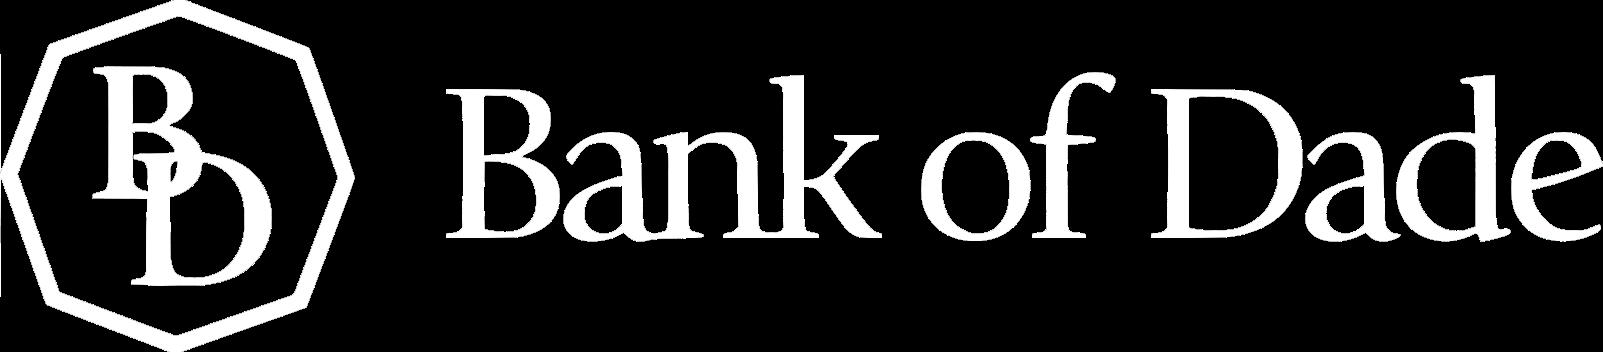 Bank of Dade